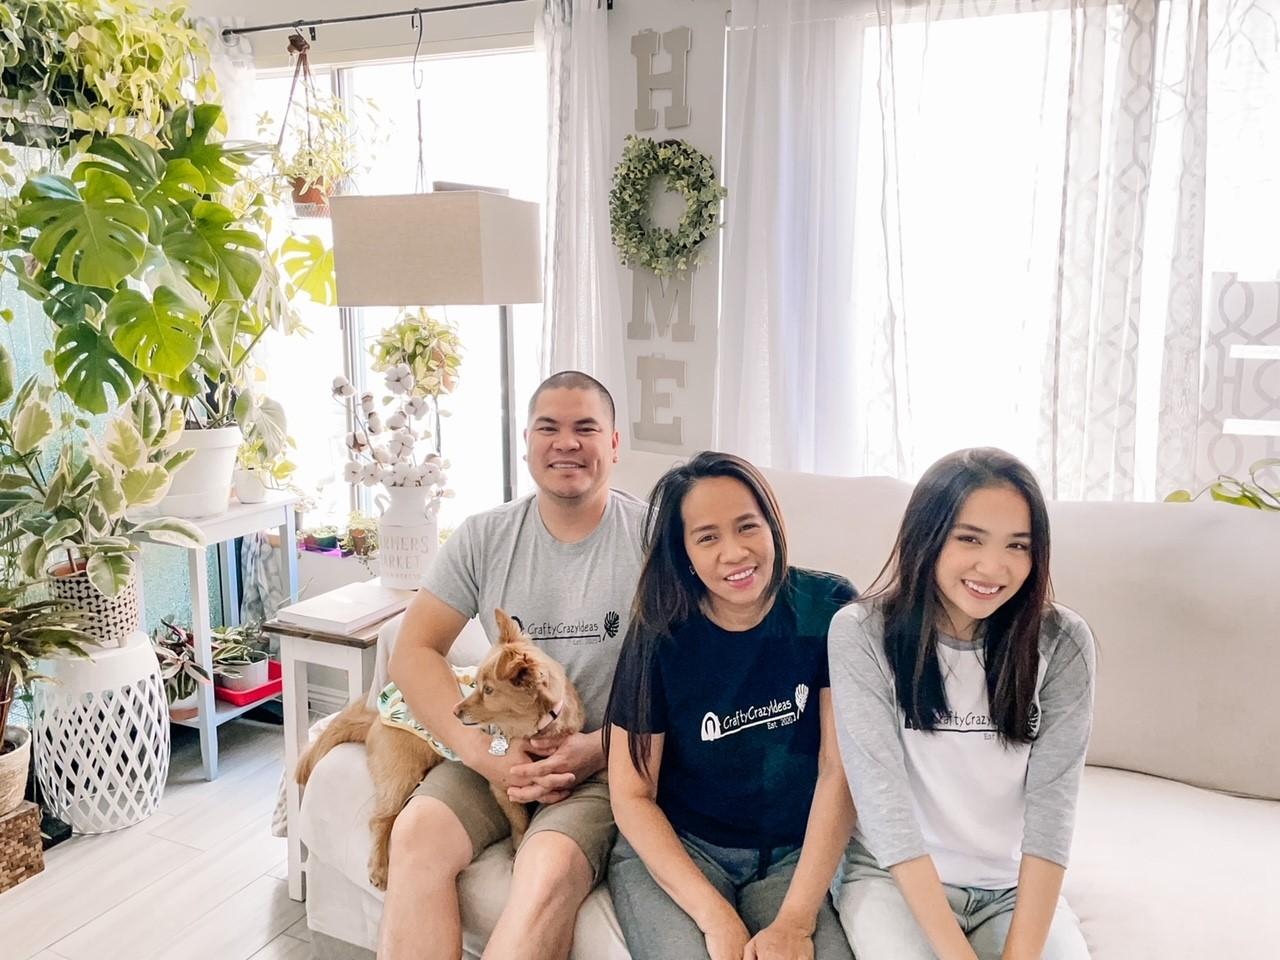 crafty crazy ideas - family photo 1